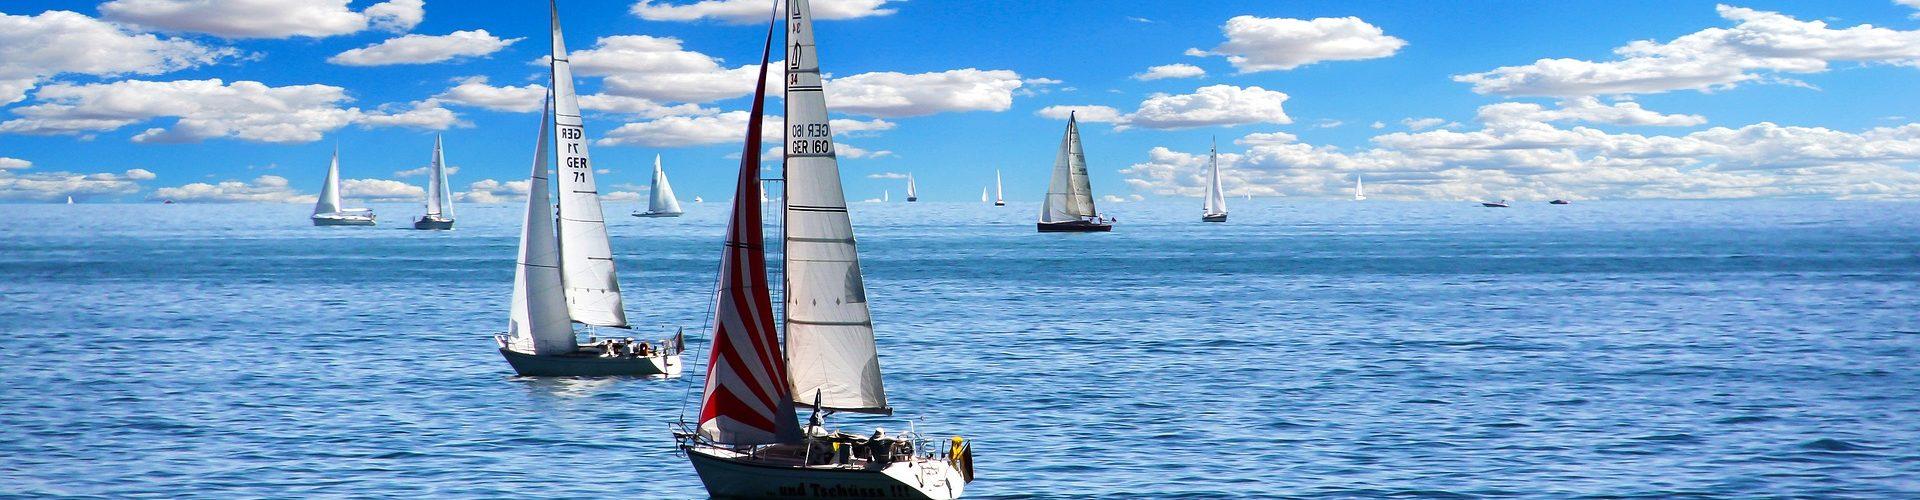 segeln lernen in Wehr segelschein machen in Wehr 1920x500 - Segeln lernen in Wehr